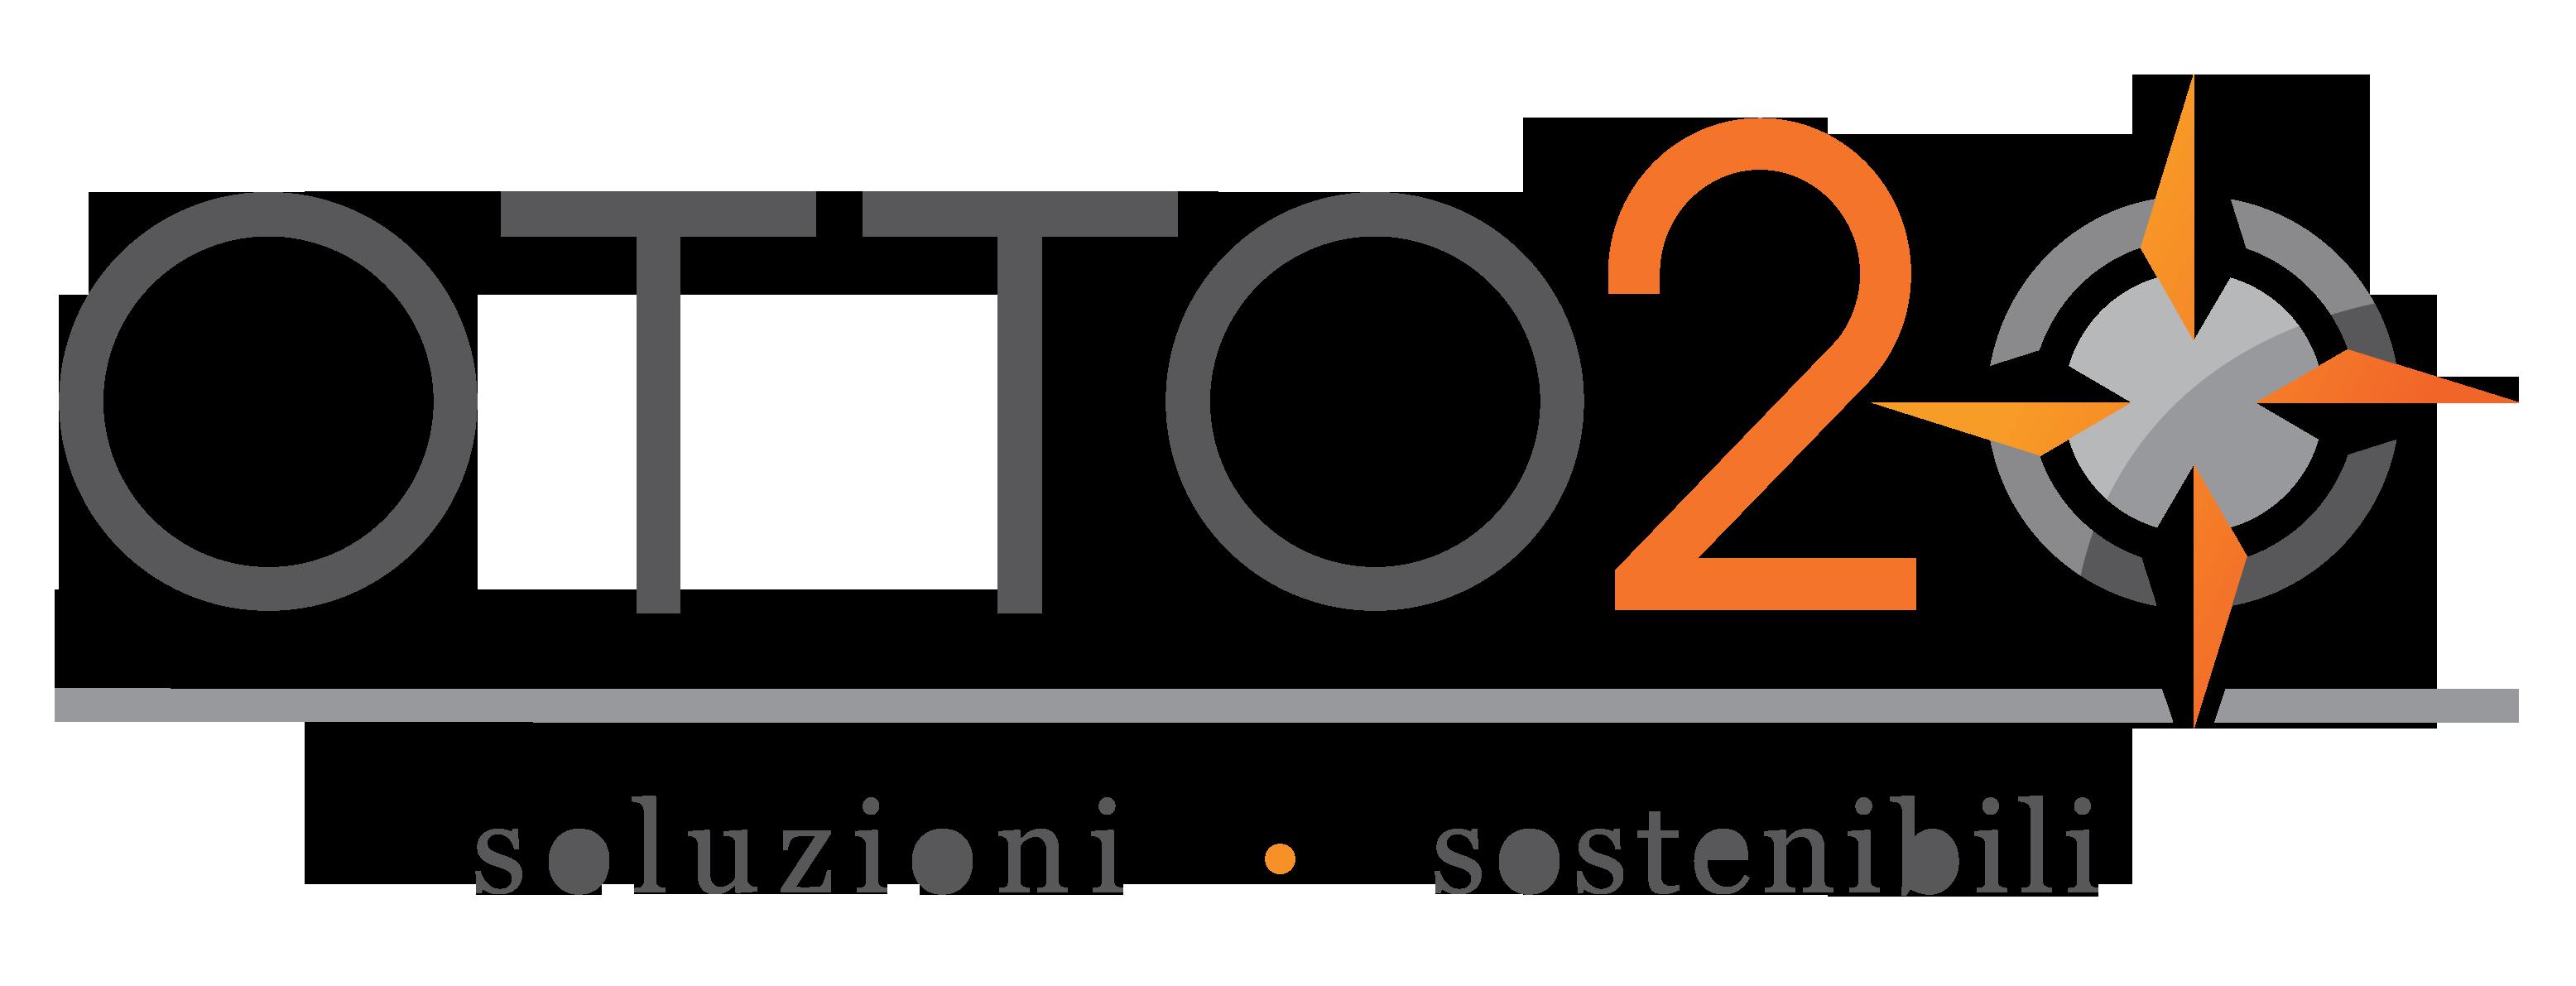 OTTO20 Consulenza aziendale